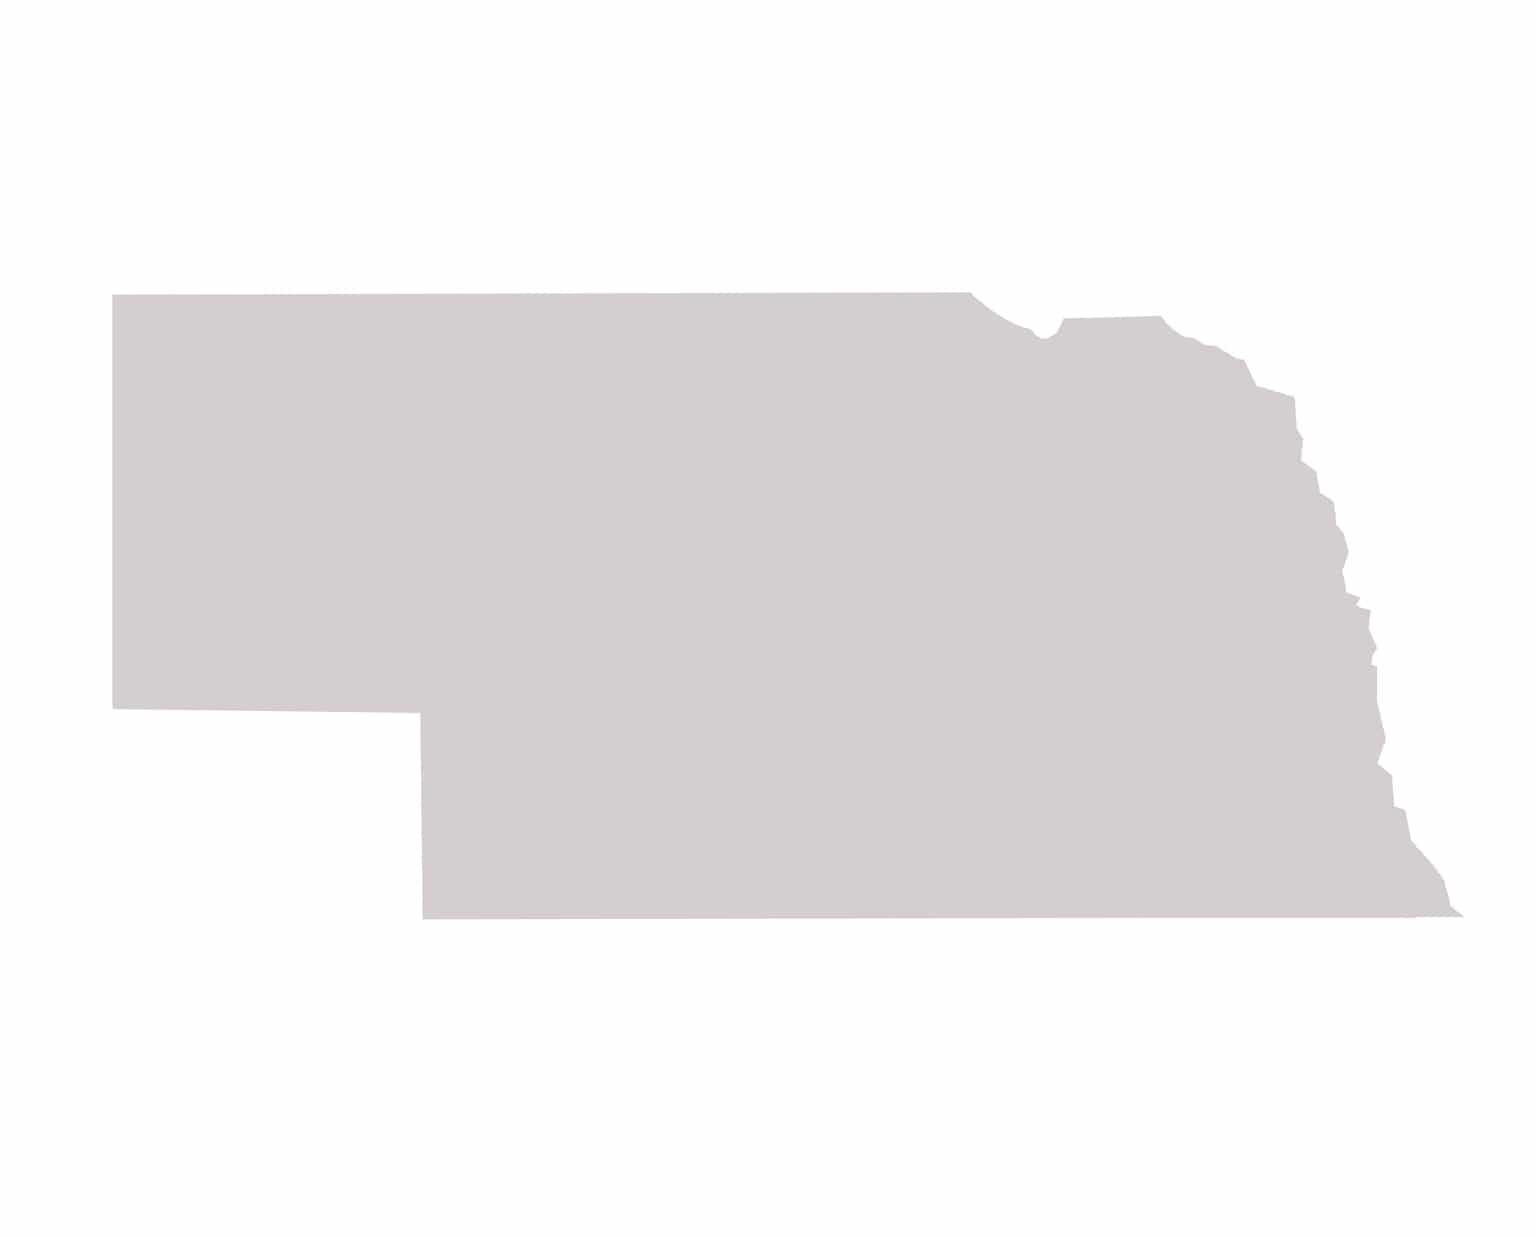 Nebraska Factoring